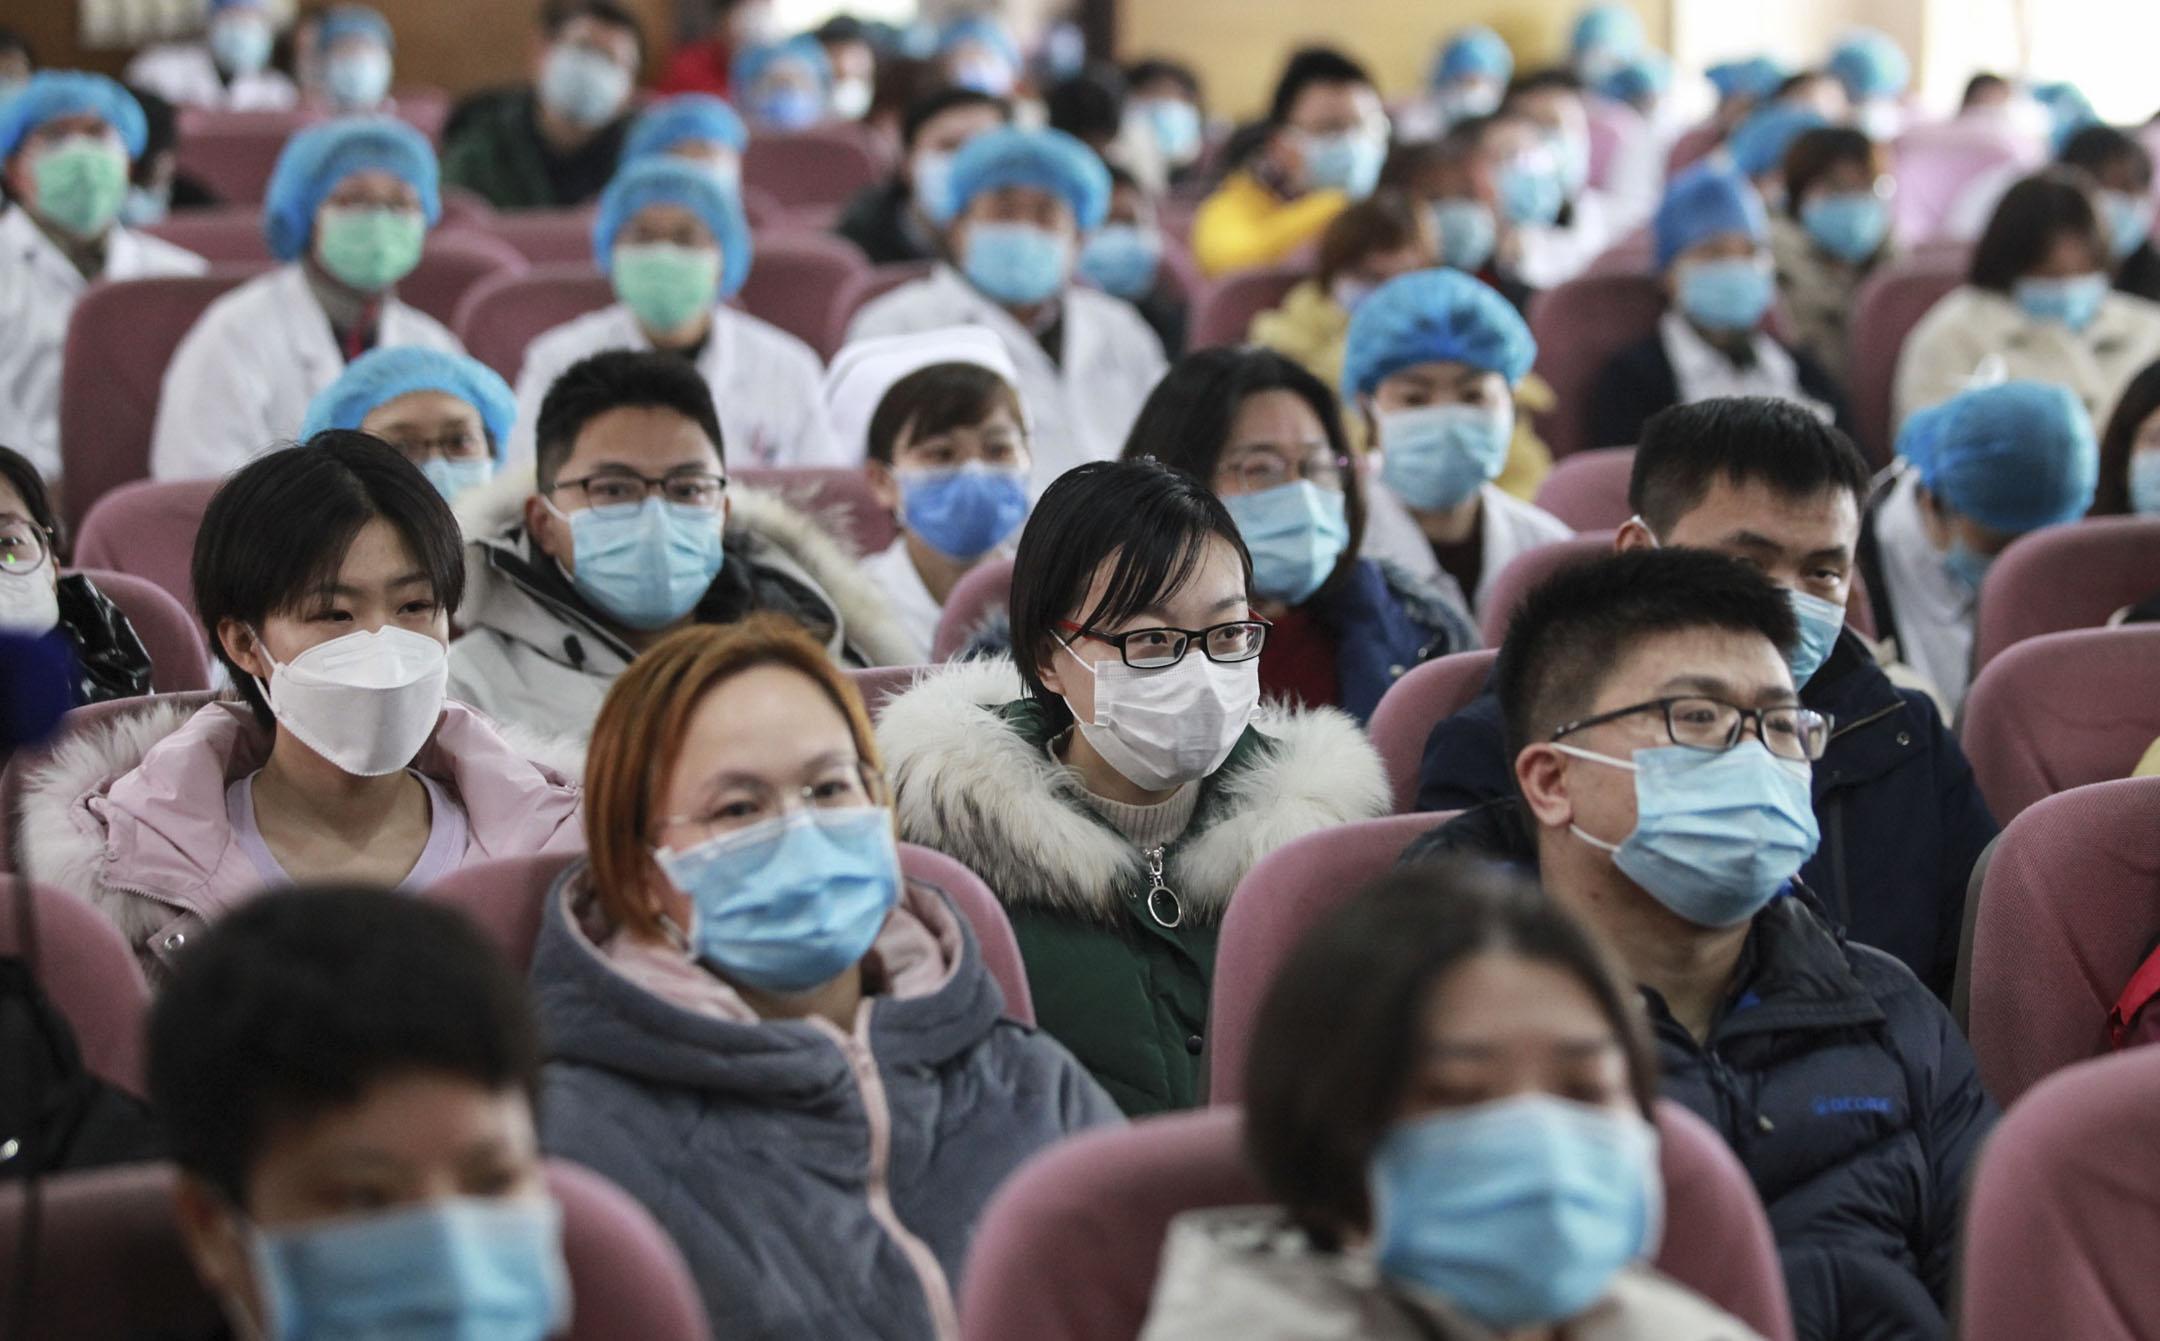 2020年2月13日,江蘇揚州蘇北人民醫院醫療隊的成員準備到武漢考察救援。  攝:Costfoto/Barcroft Media via Getty Images